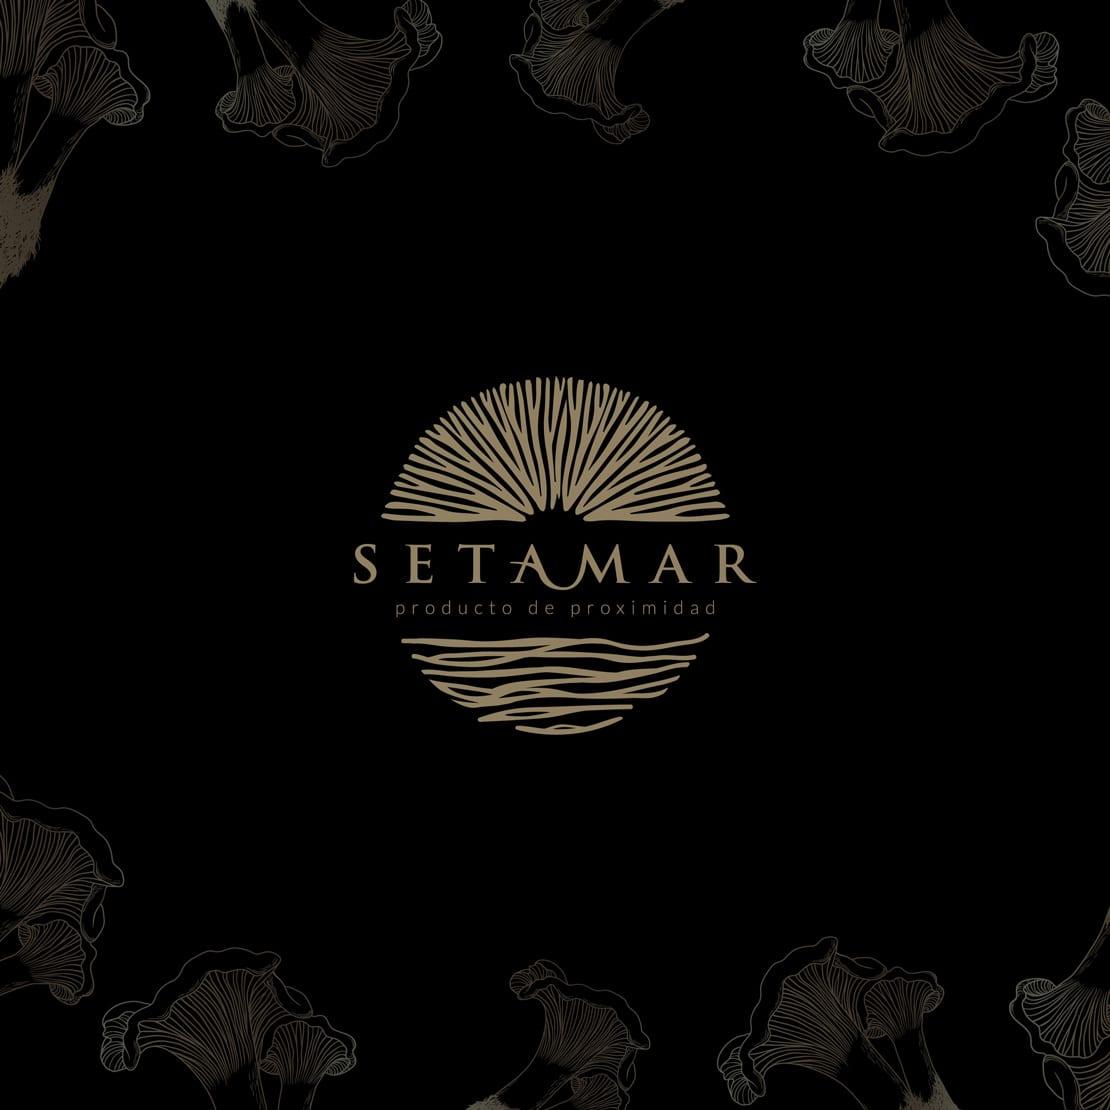 Setamar, diseño para logotipo elegante